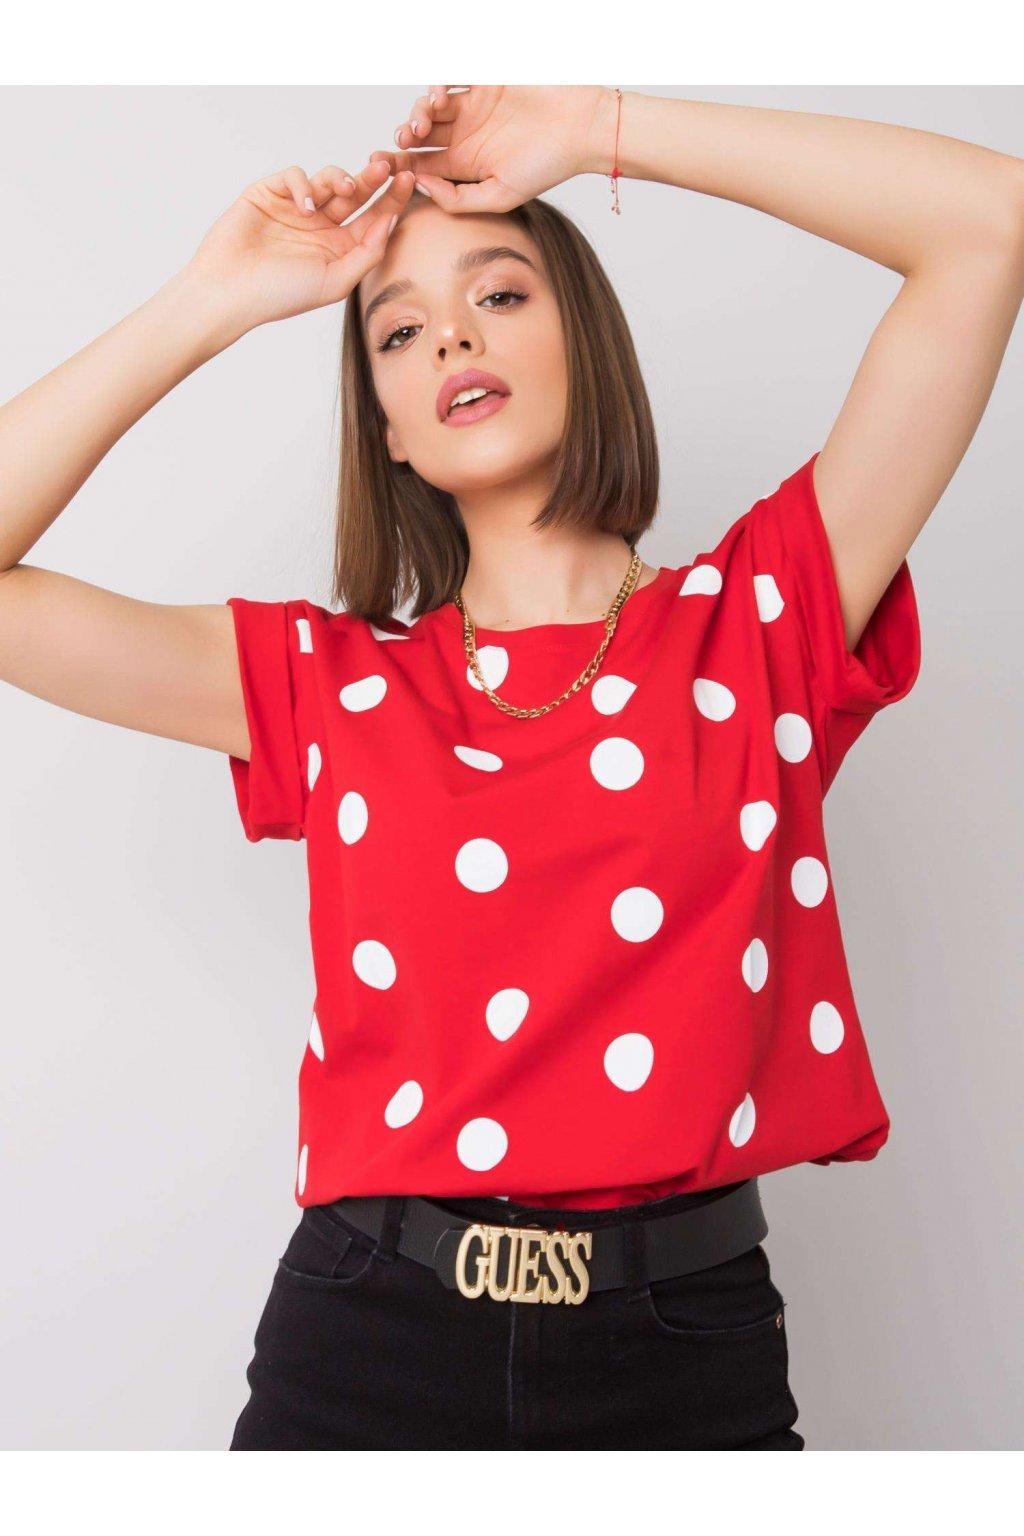 pol pl Czerwono bialy t shirt Catrina RUE PARIS 360325 1